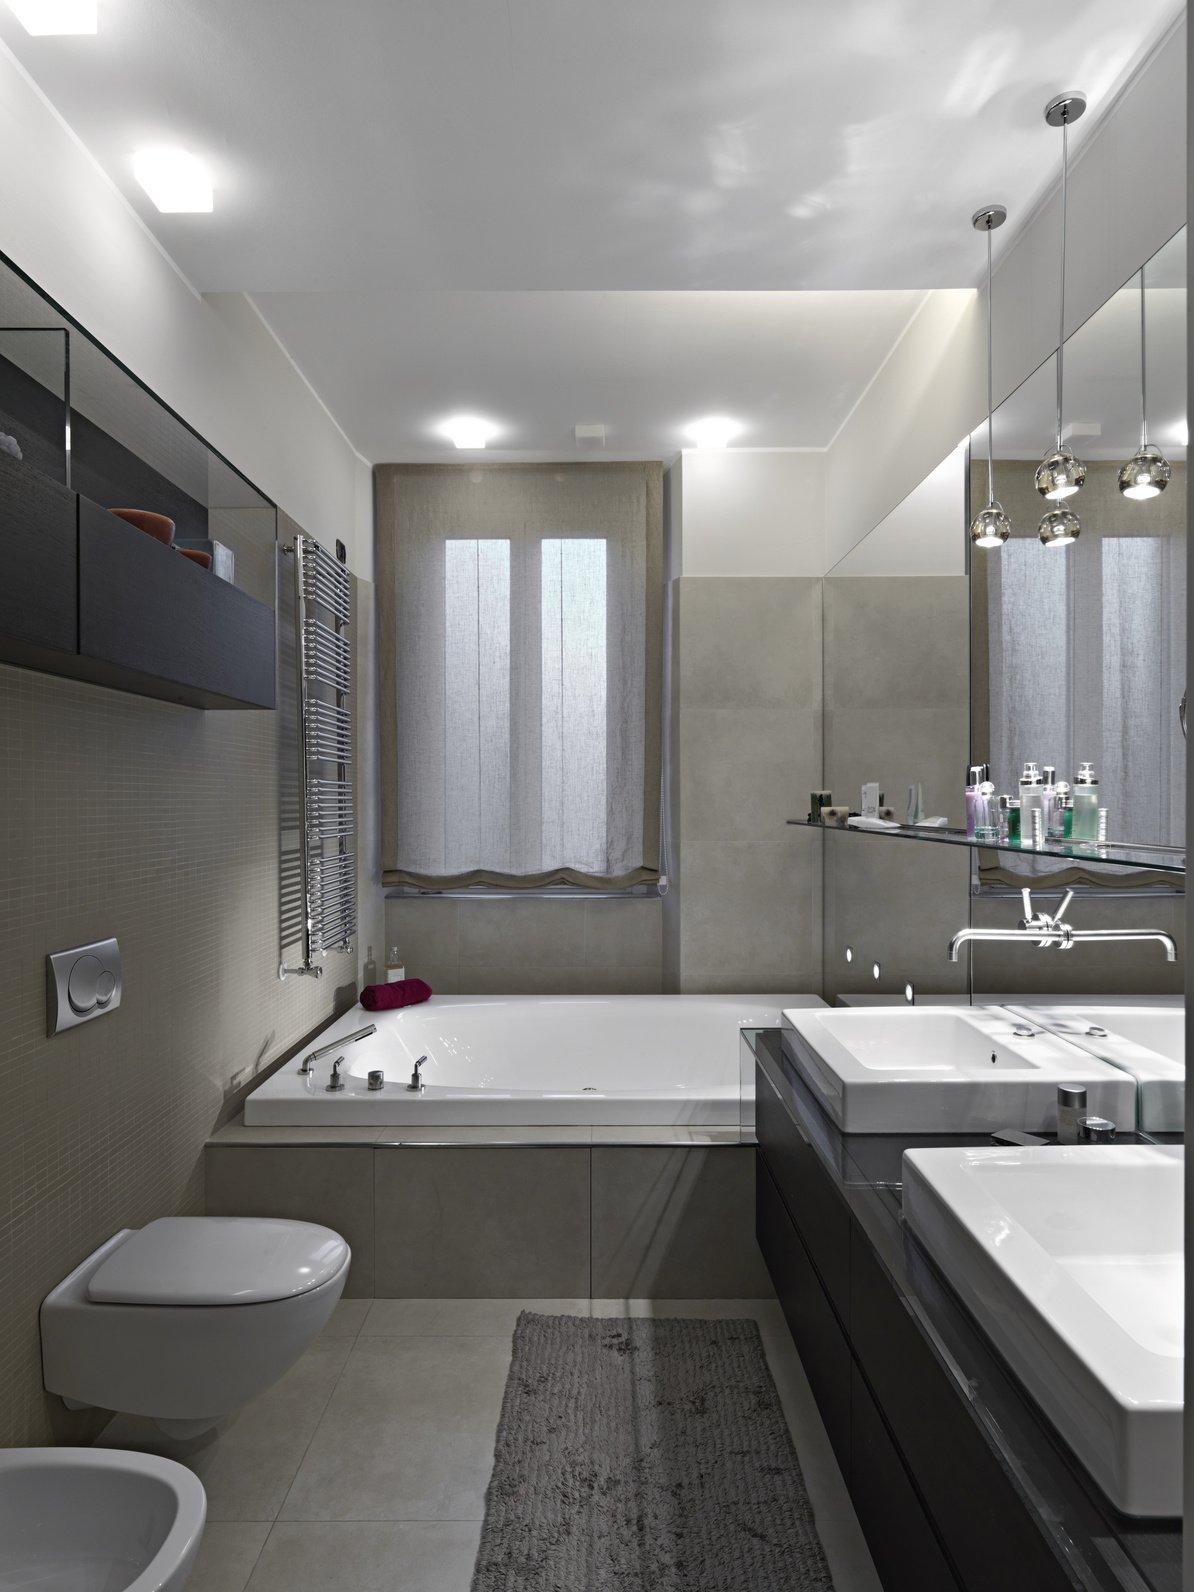 Piccoli lavori in bagno come sostituire il sedile del wc for Case moderne sotto 100k